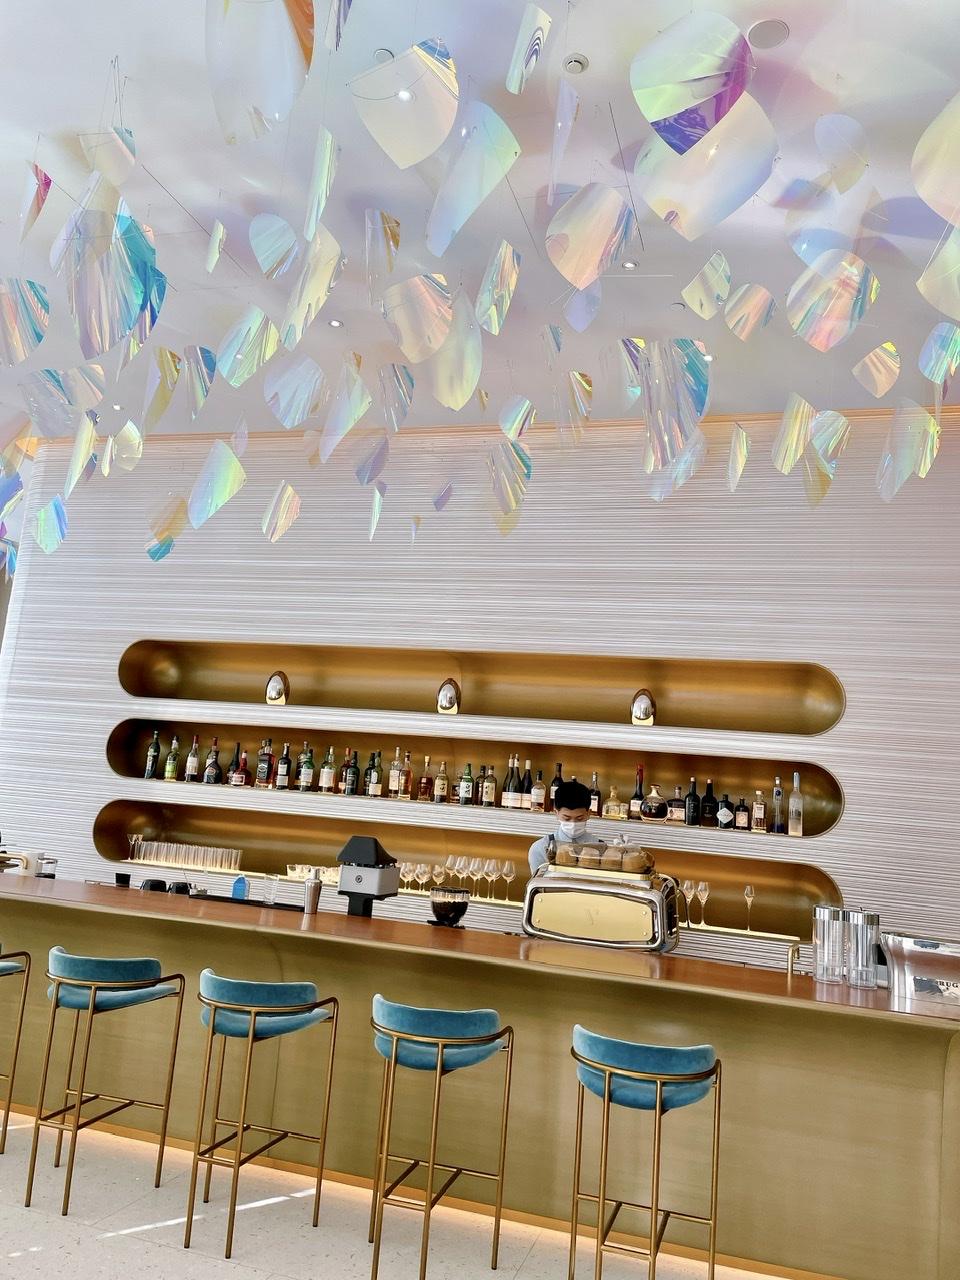 【おすすめいちごスイーツ】LOUIS VUITTONのカフェで贅沢ないちごのパフェを_2